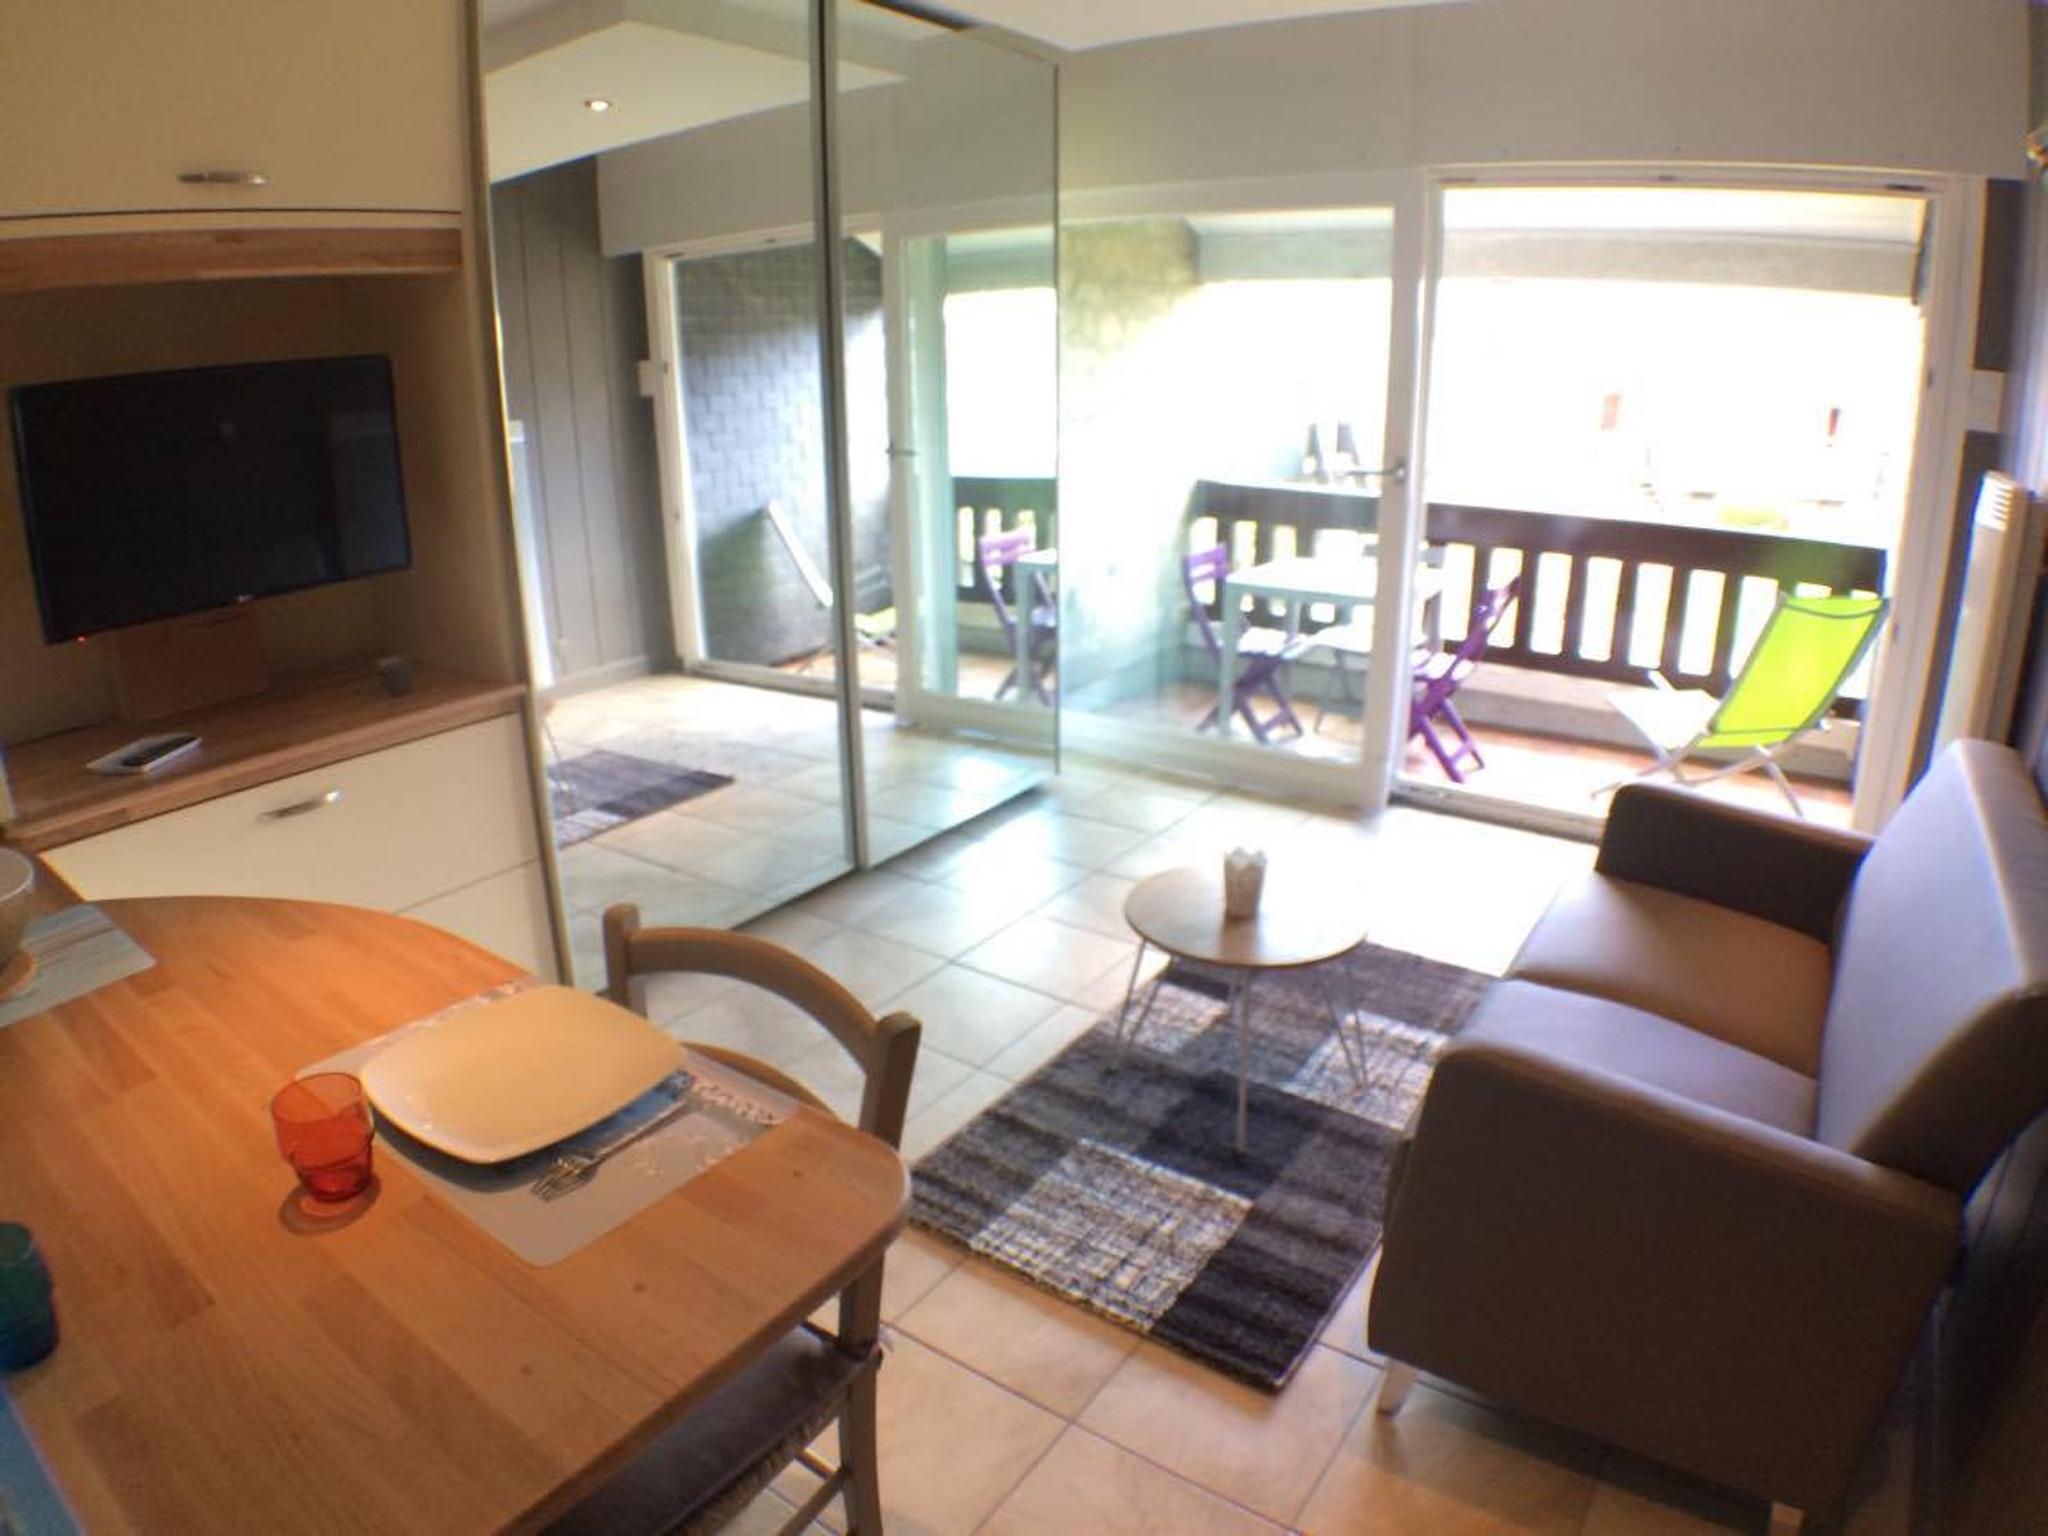 Ferienwohnung Wohnung mit einem Zimmer in Carnac mit möblierter Terrasse (2202608), Carnac, Atlantikküste Morbihan, Bretagne, Frankreich, Bild 1